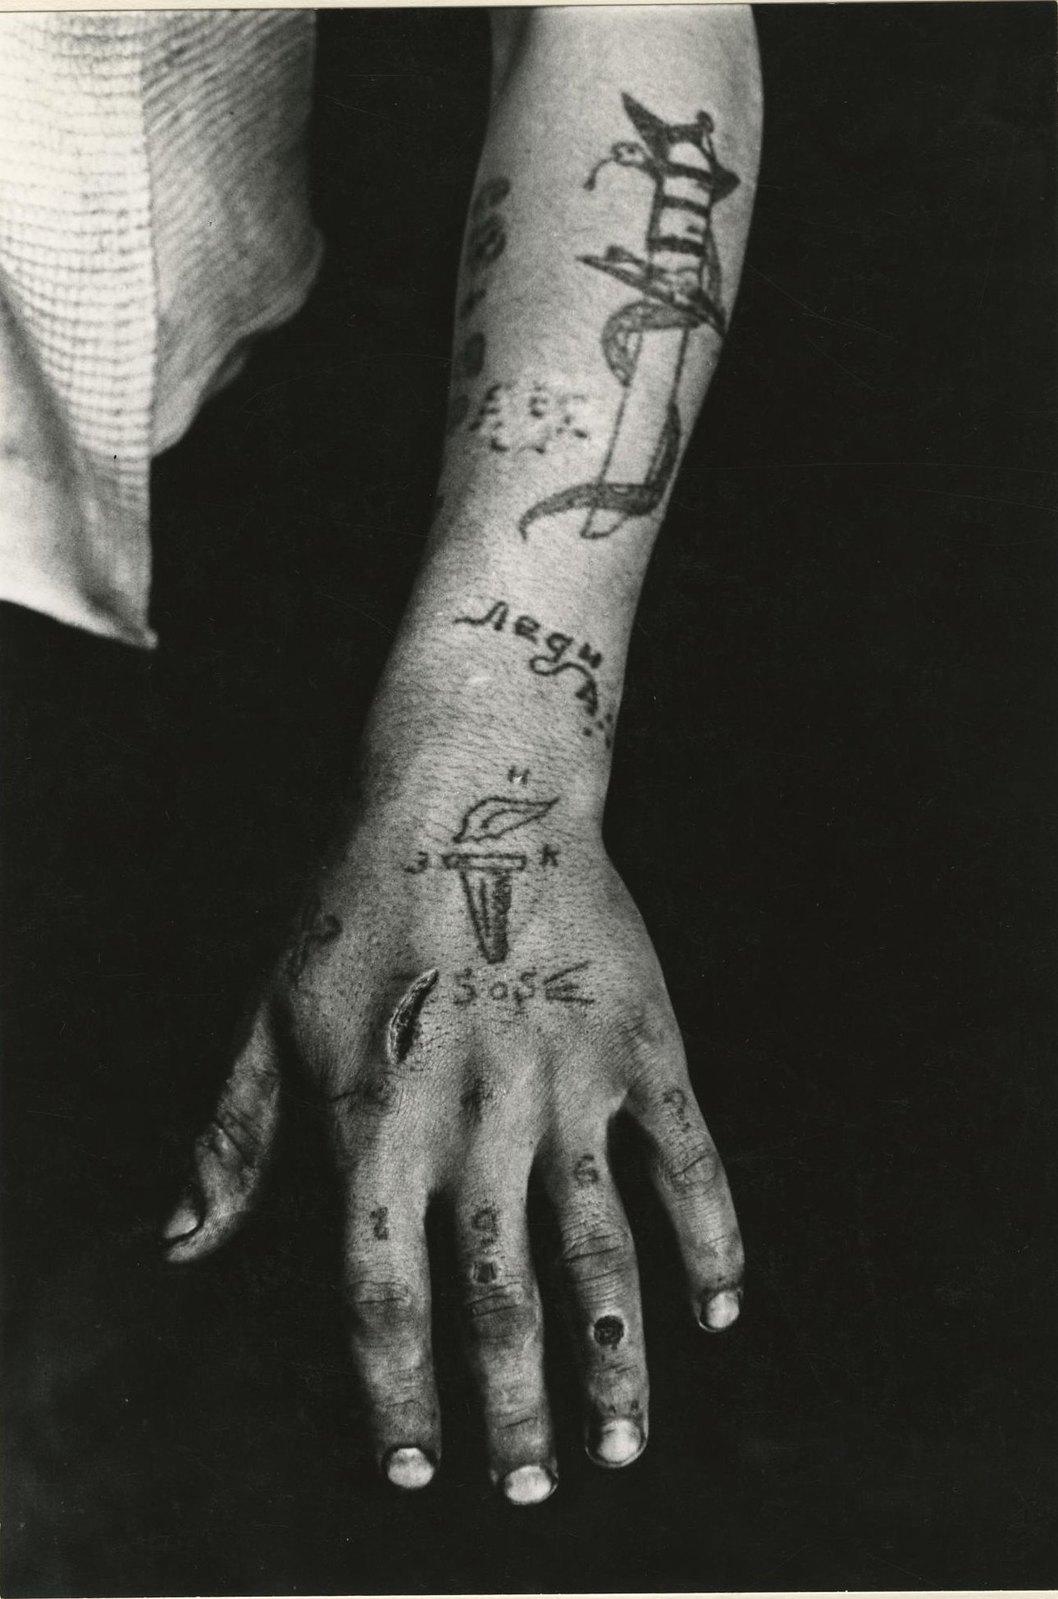 1978. Исправительно-трудовая колония. Татуировка